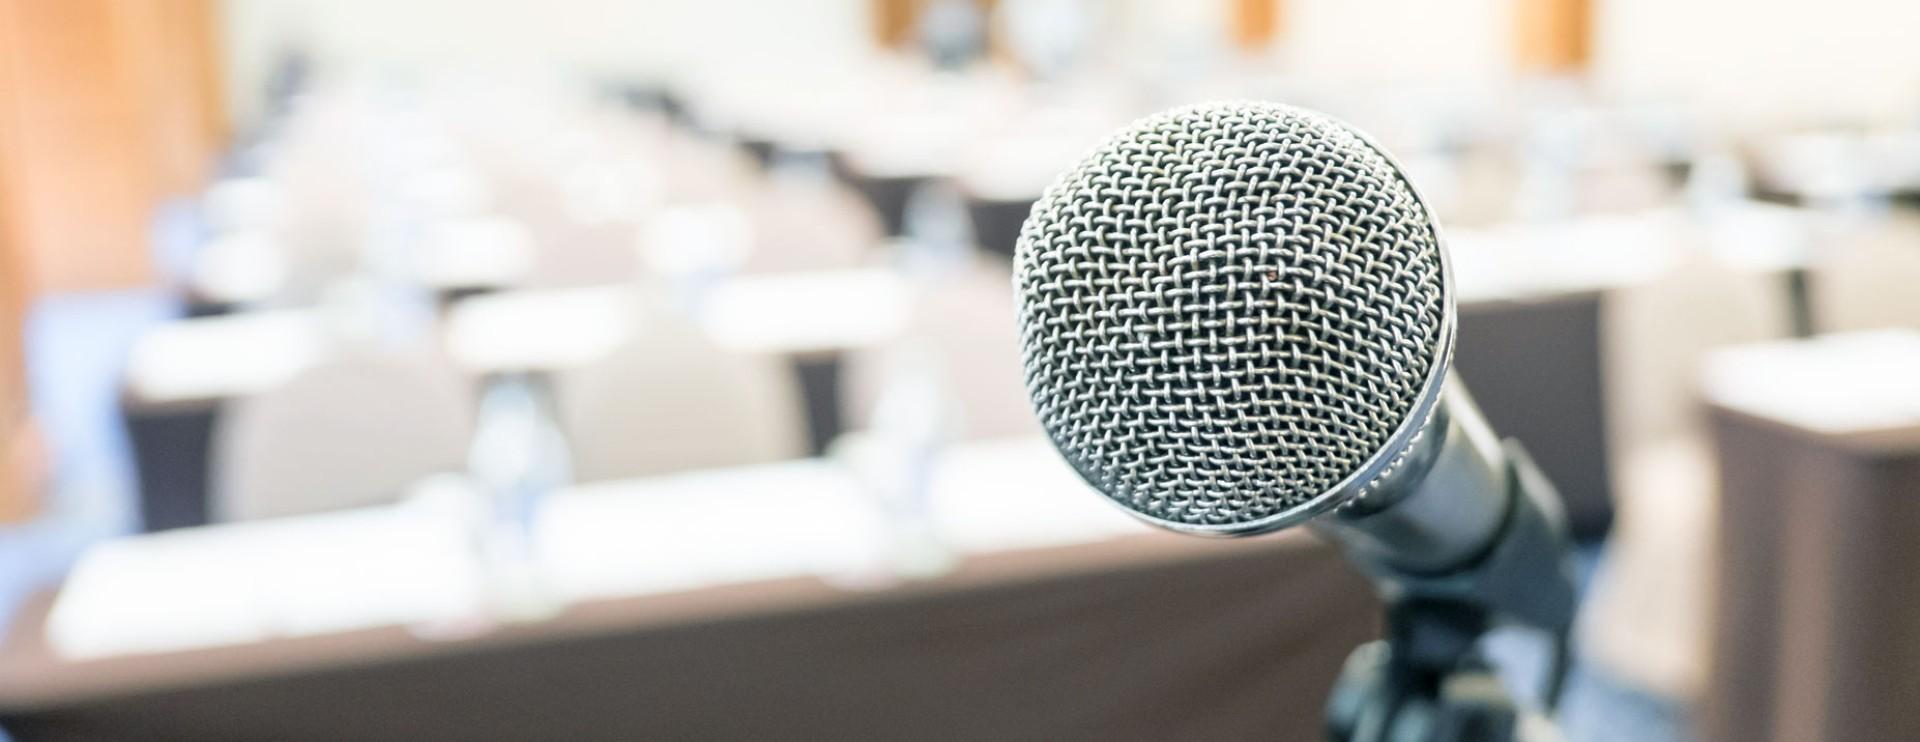 Mikrophon auf einer Bühne